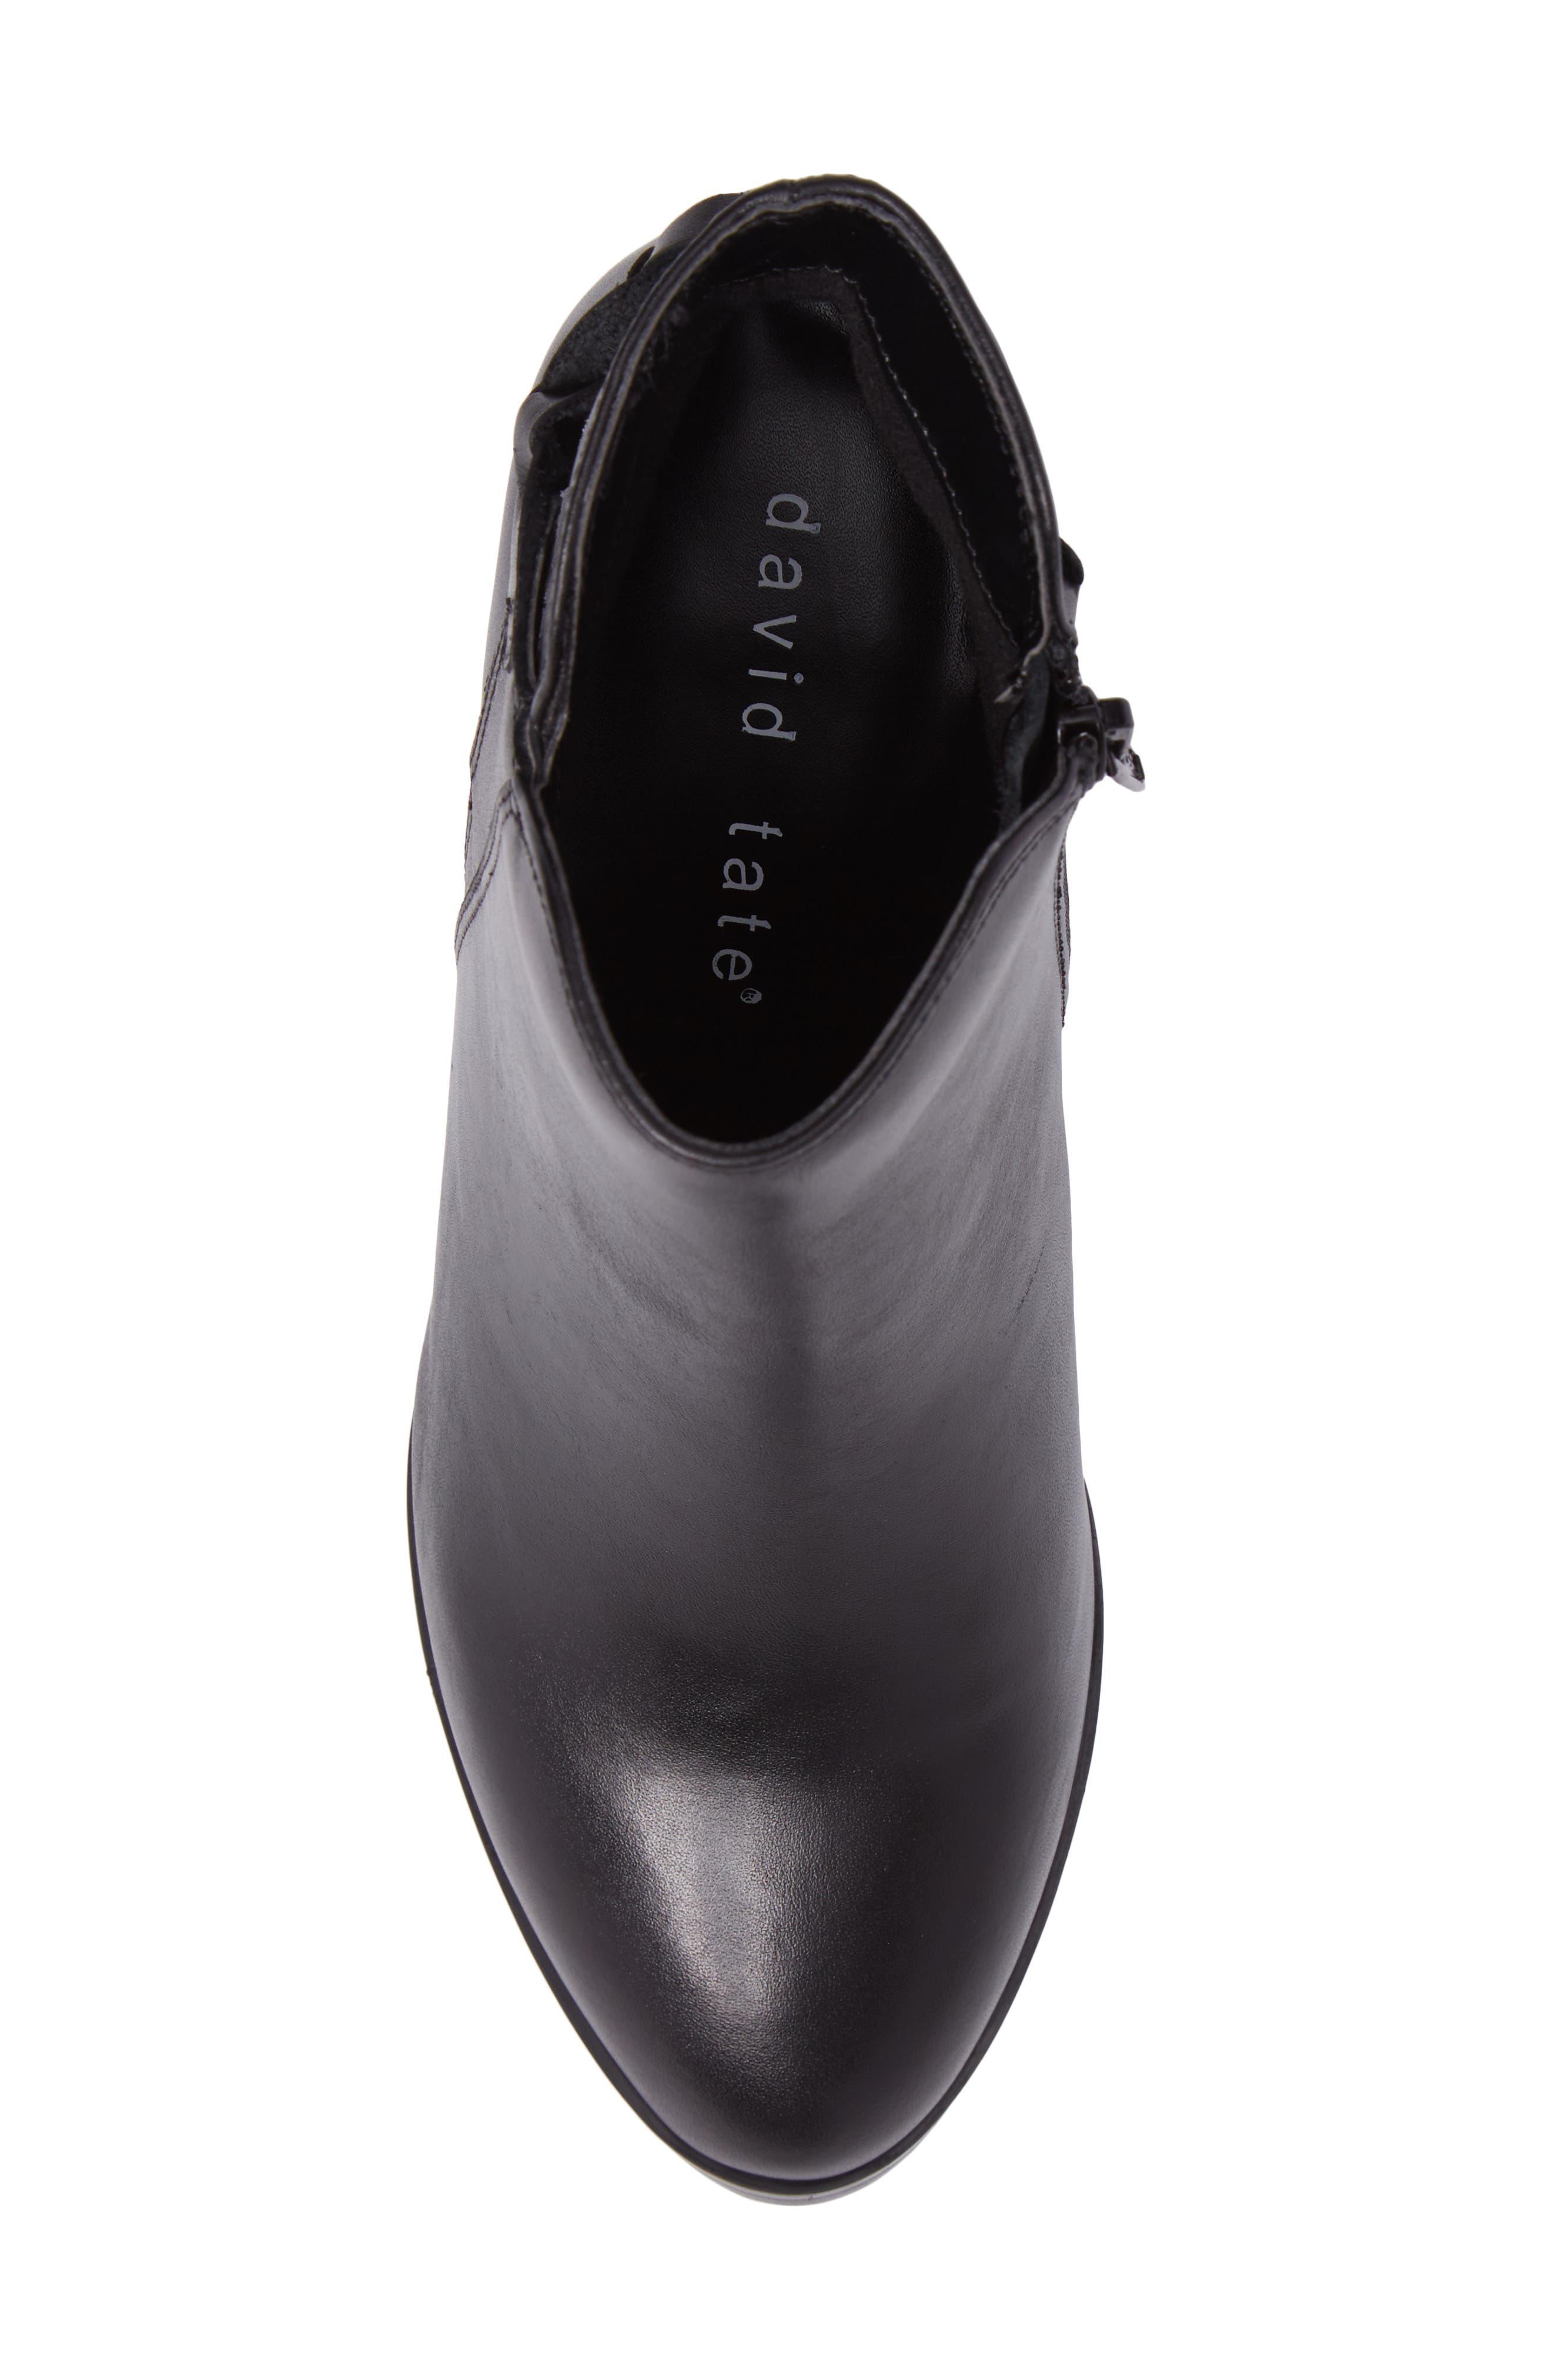 Doran Bootie,                             Alternate thumbnail 5, color,                             Black Leather